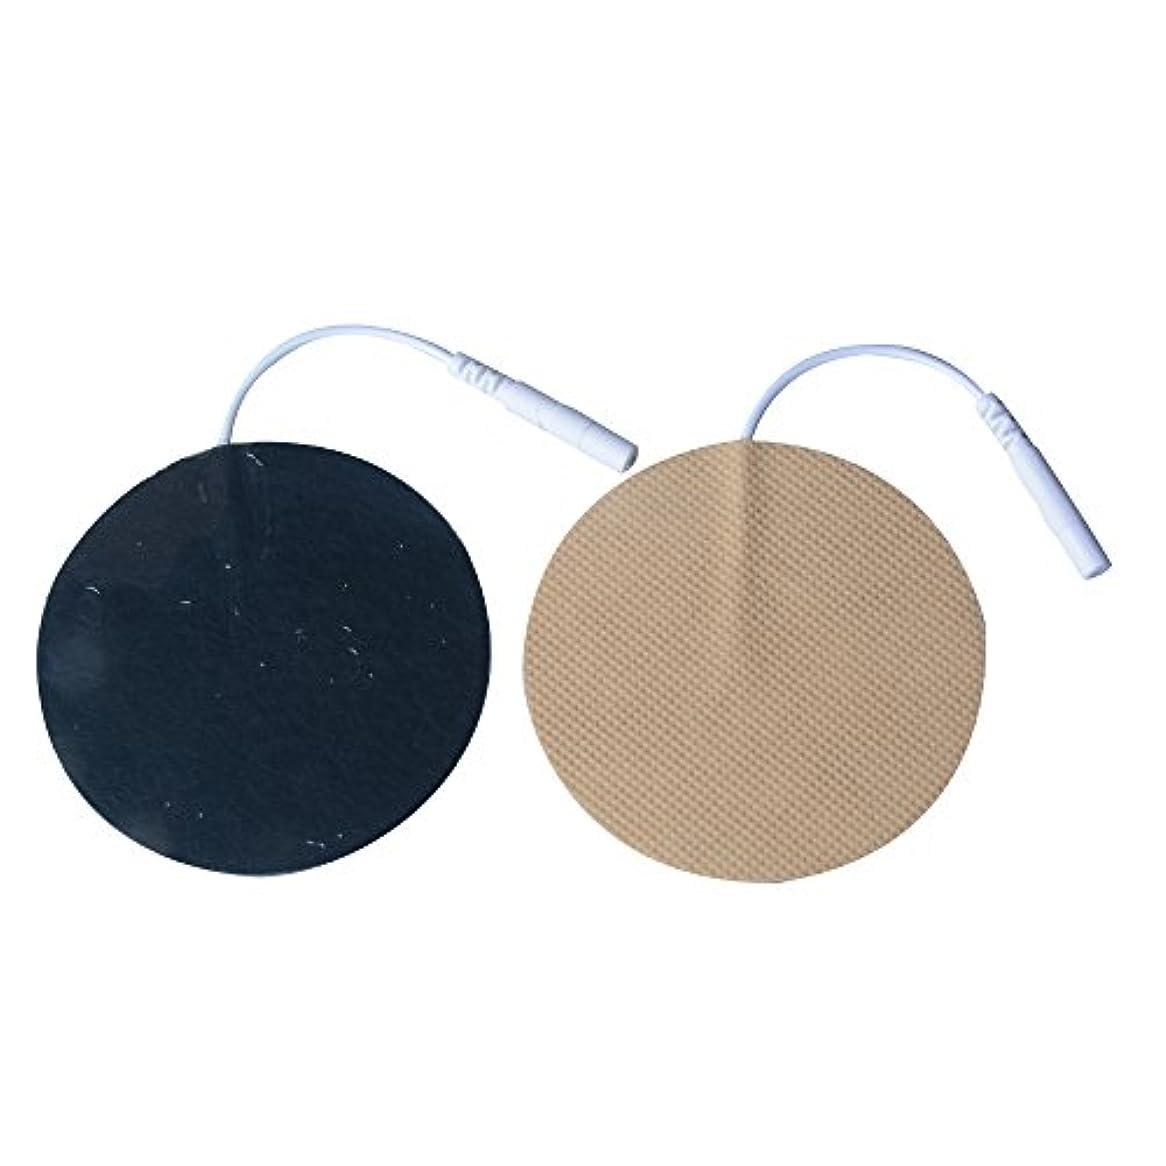 決済小石剥離アクセルガード【EMS/TENS用粘着パッド】低周波用 電極パッド 粘着パッド 丸型 直径 7 cm 10ペア/20枚入り